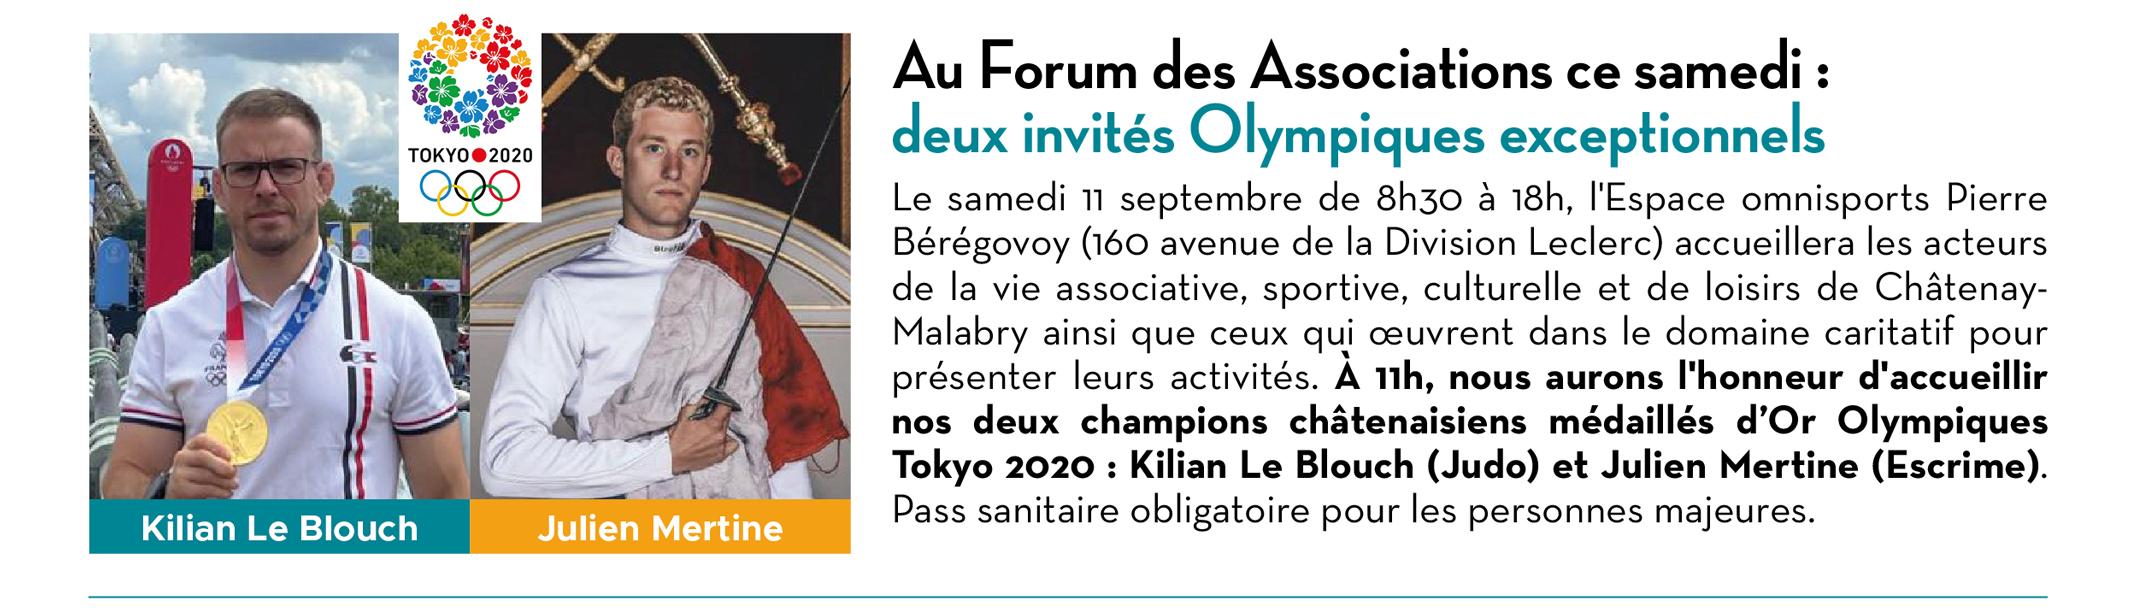 Au Forum des Associations ce samedi : deux invités Olympiques exceptionnels